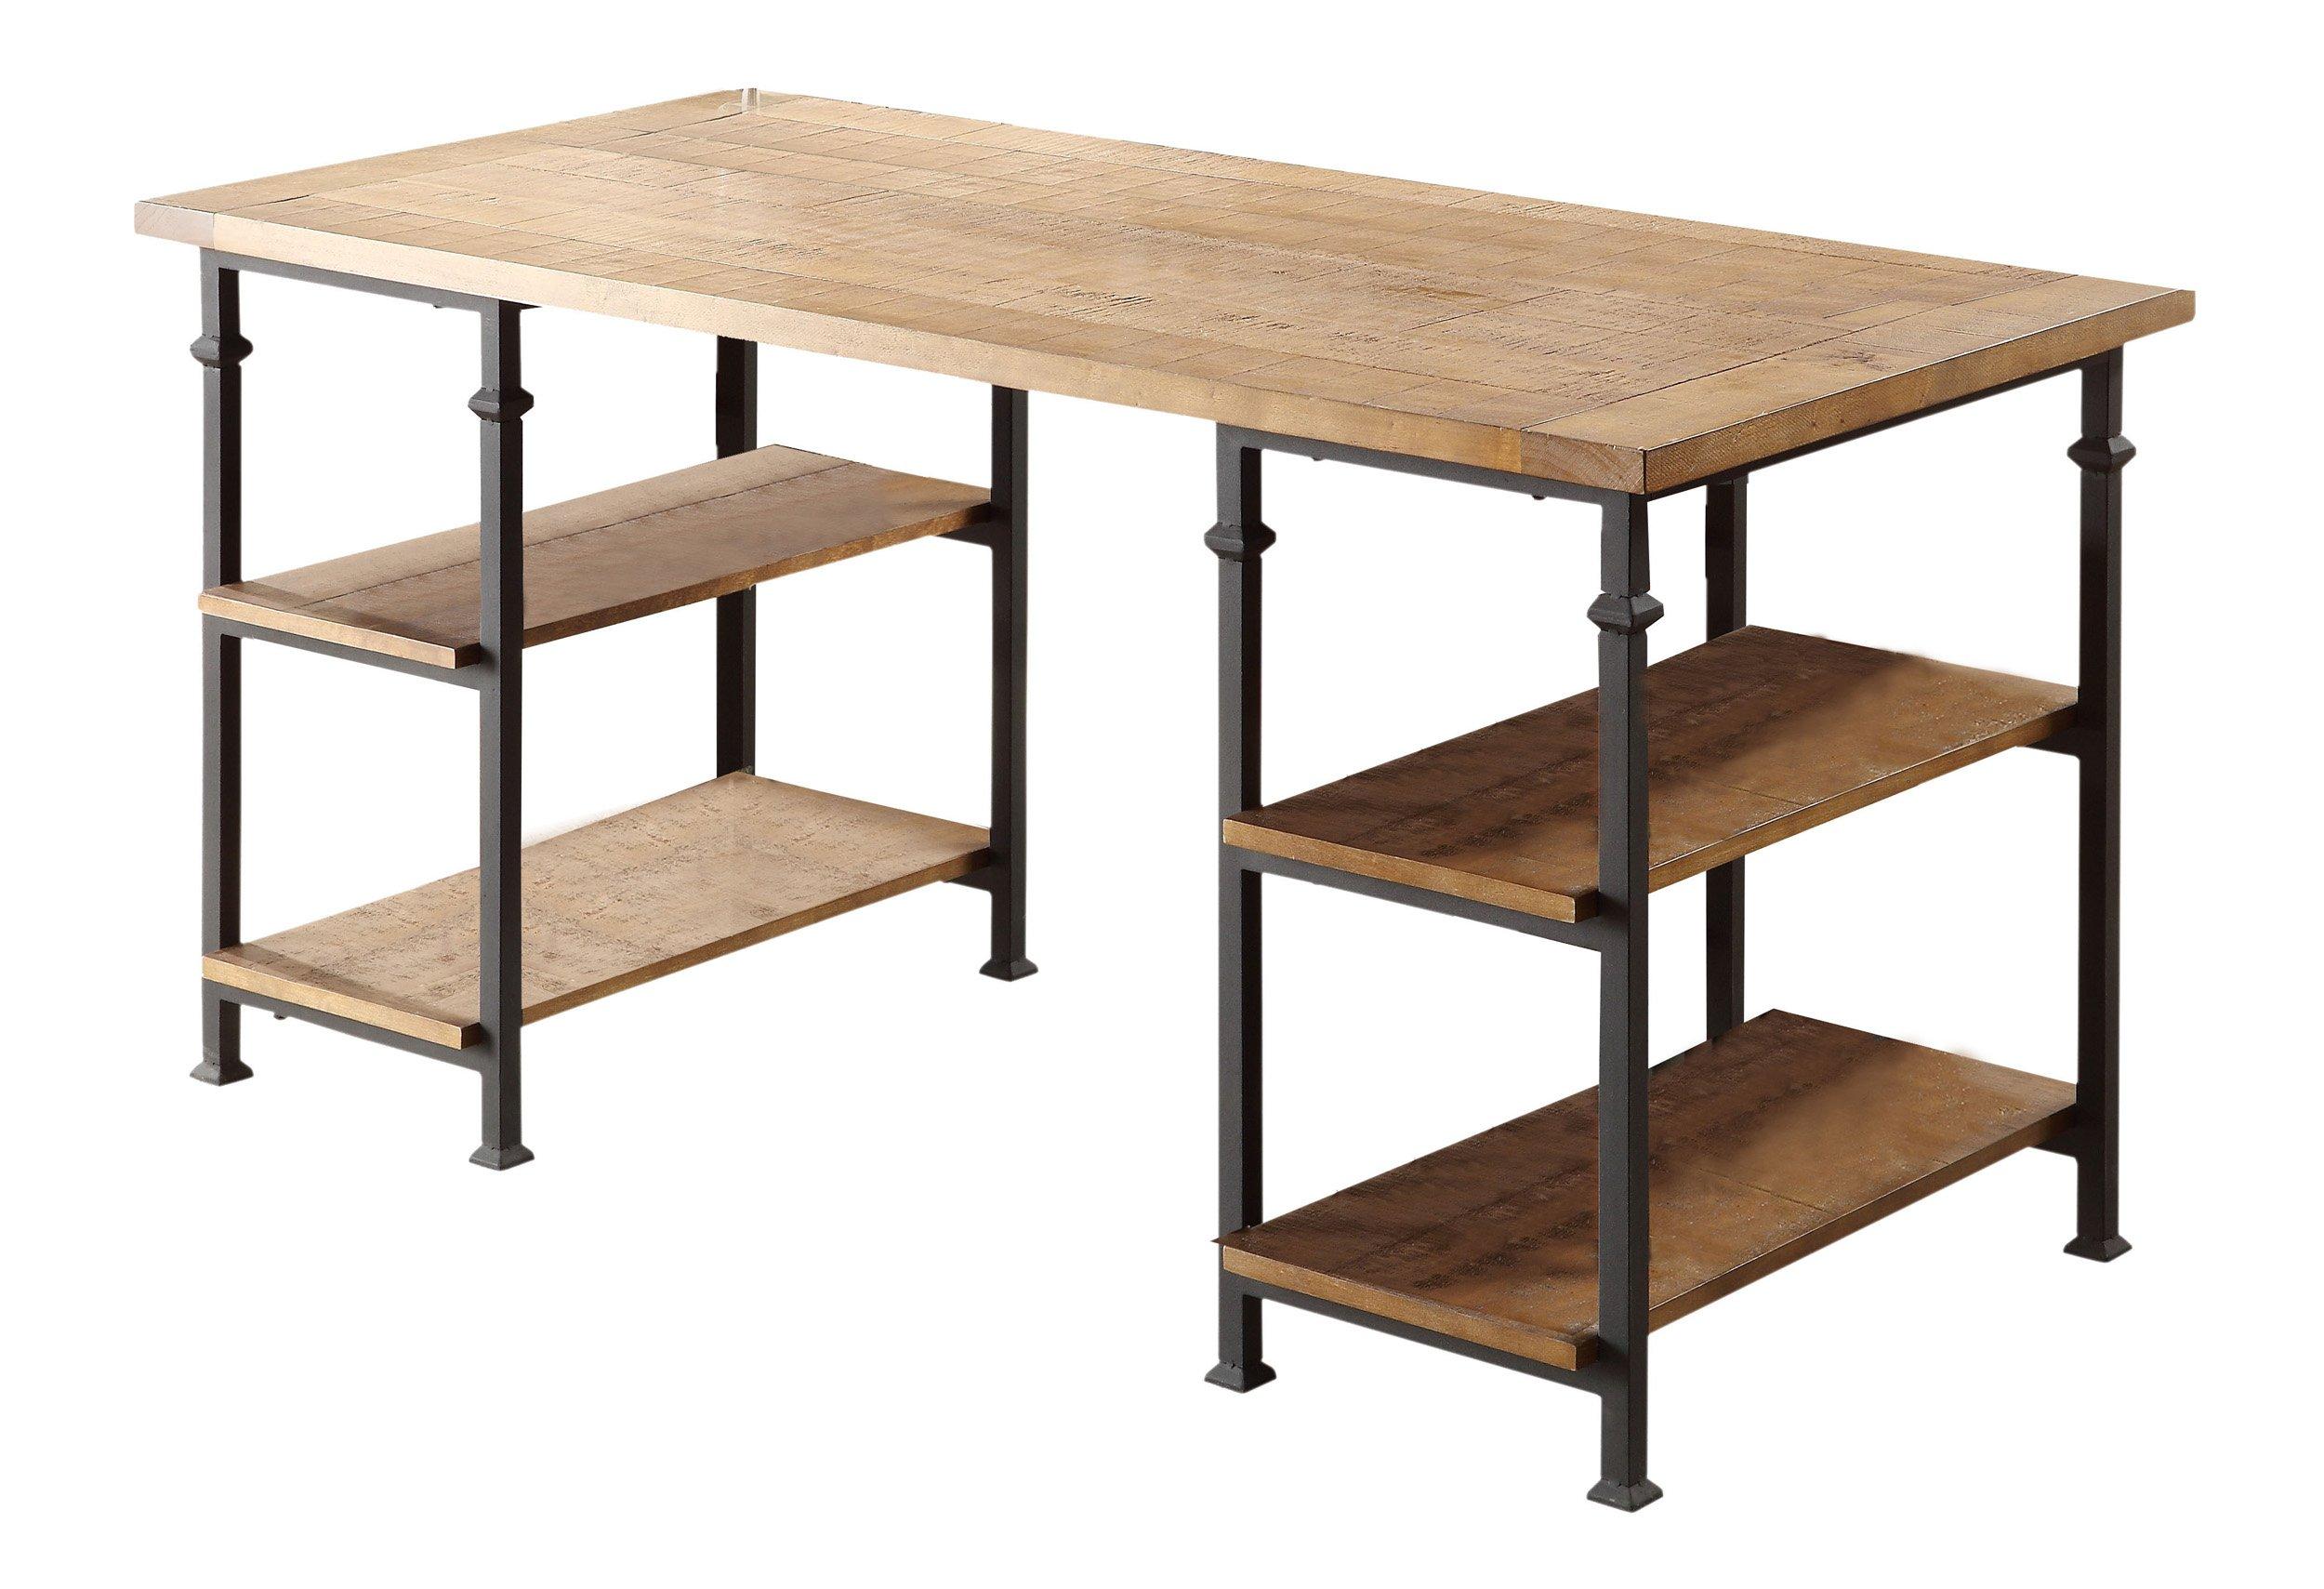 Homelegance Factory Metal Frame Writing Desk, Rustic Brown by Home Elegance